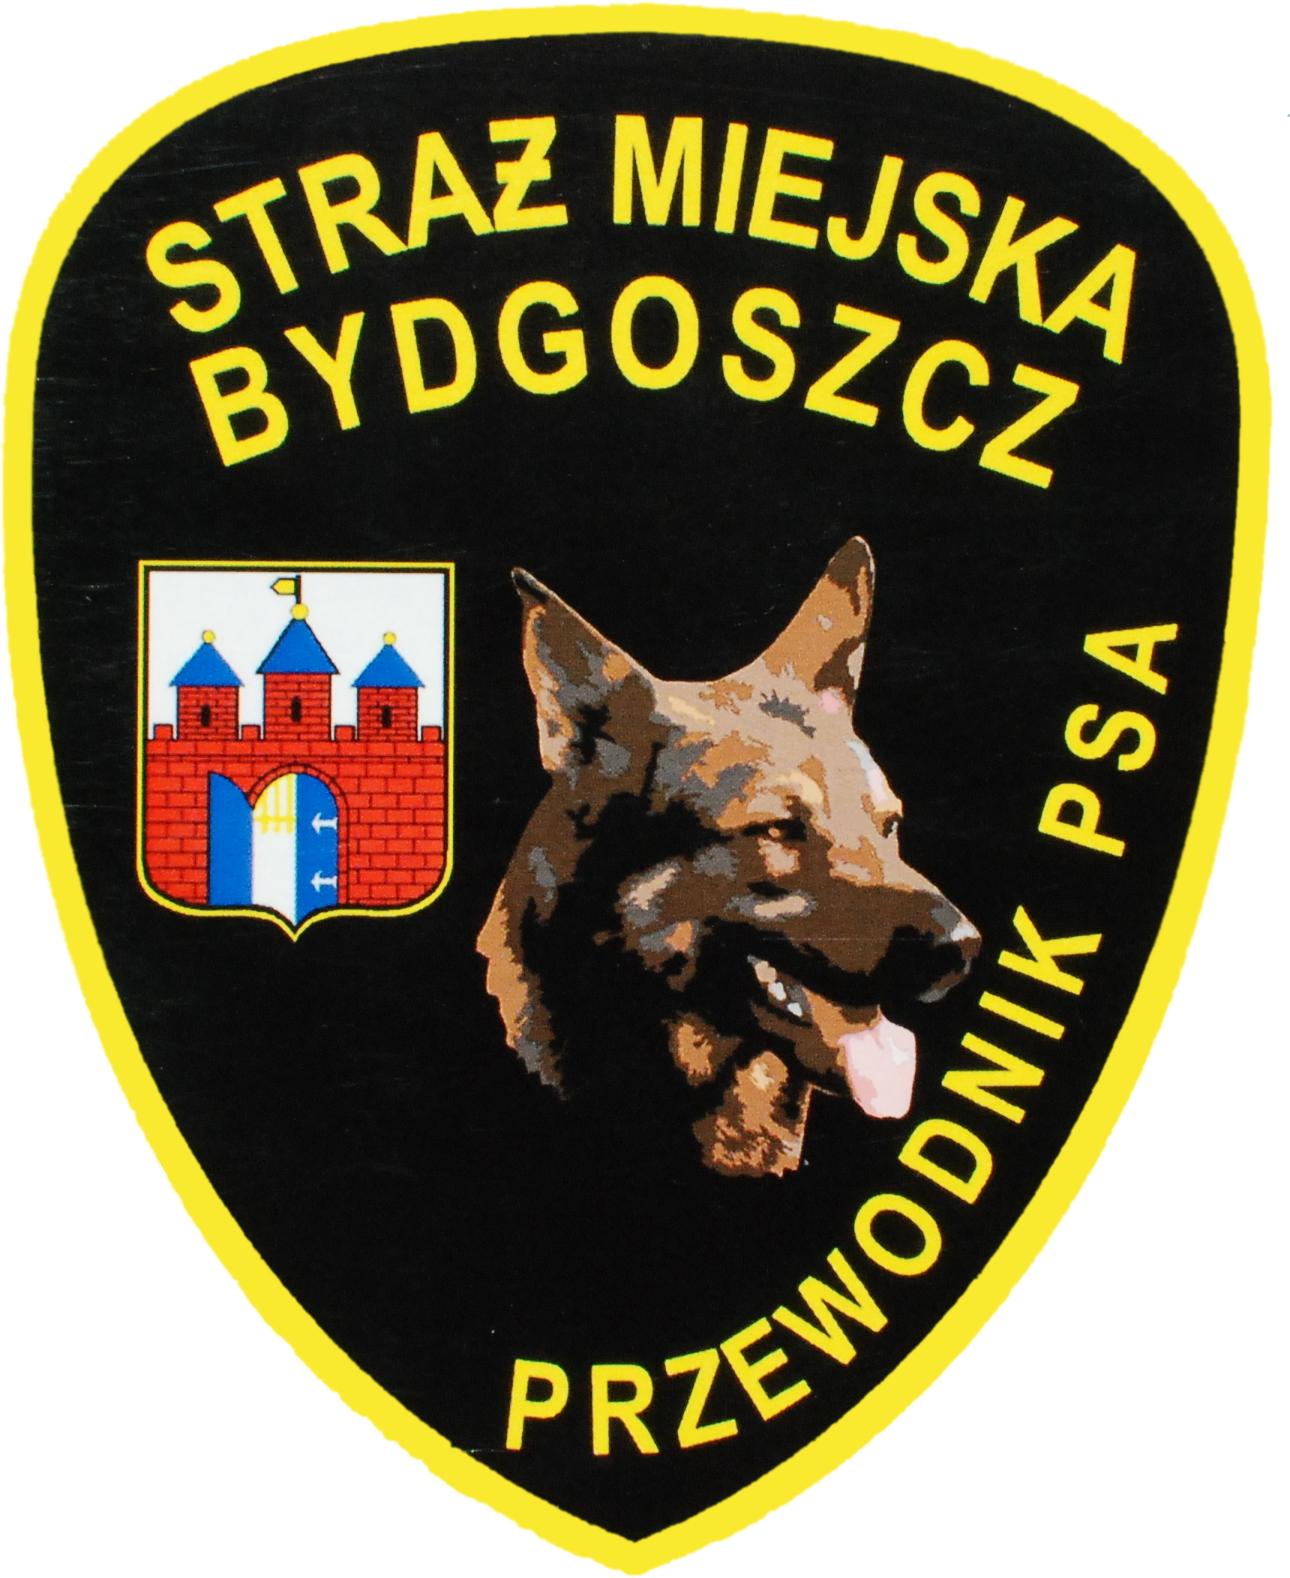 Straż Miejska Bydgoszcz